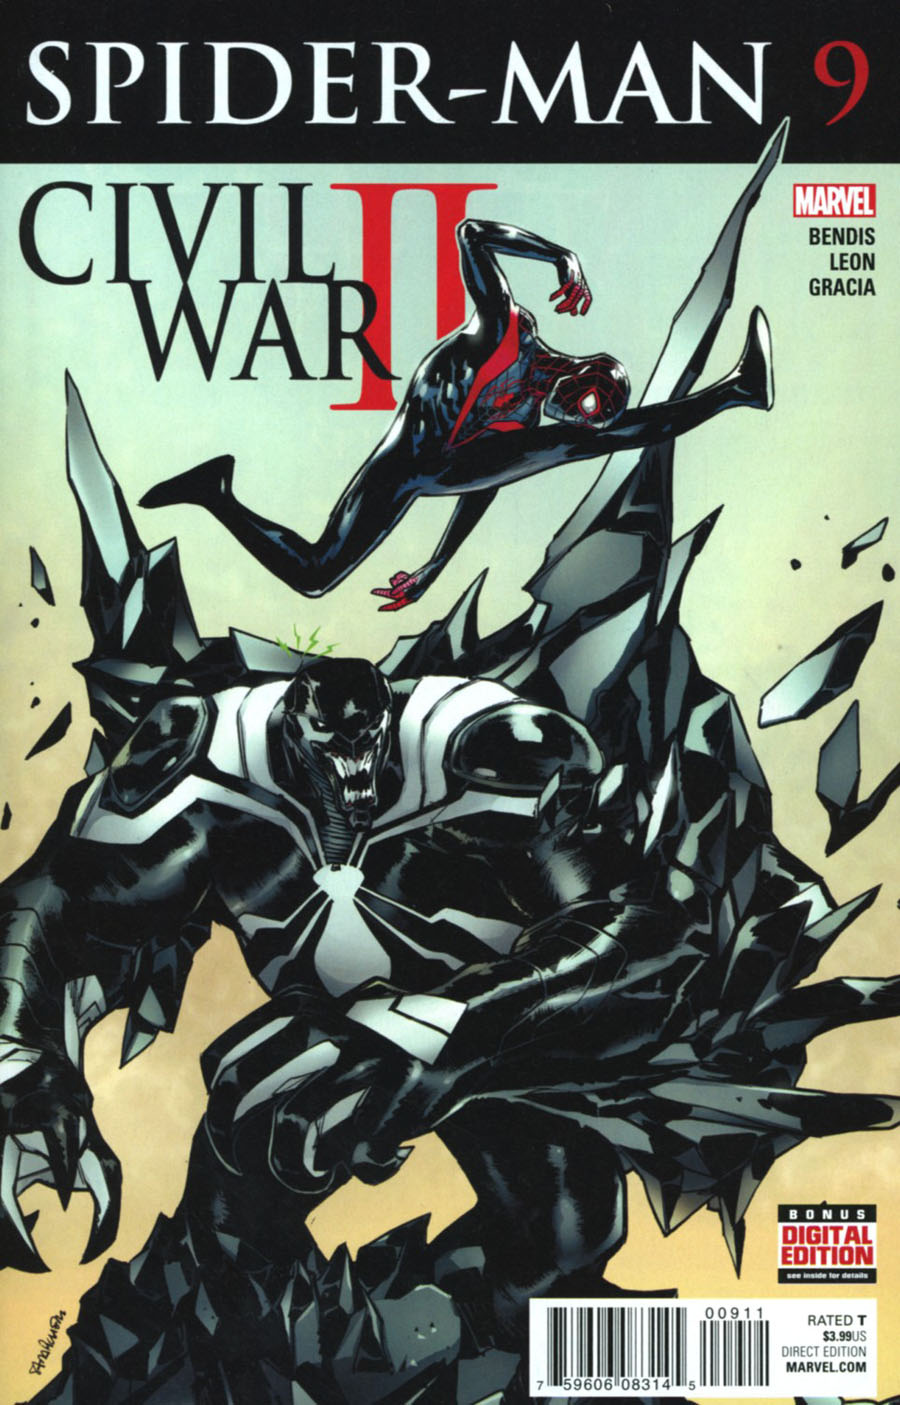 Spider-Man Vol 2 #9 (Civil War II Tie-In)